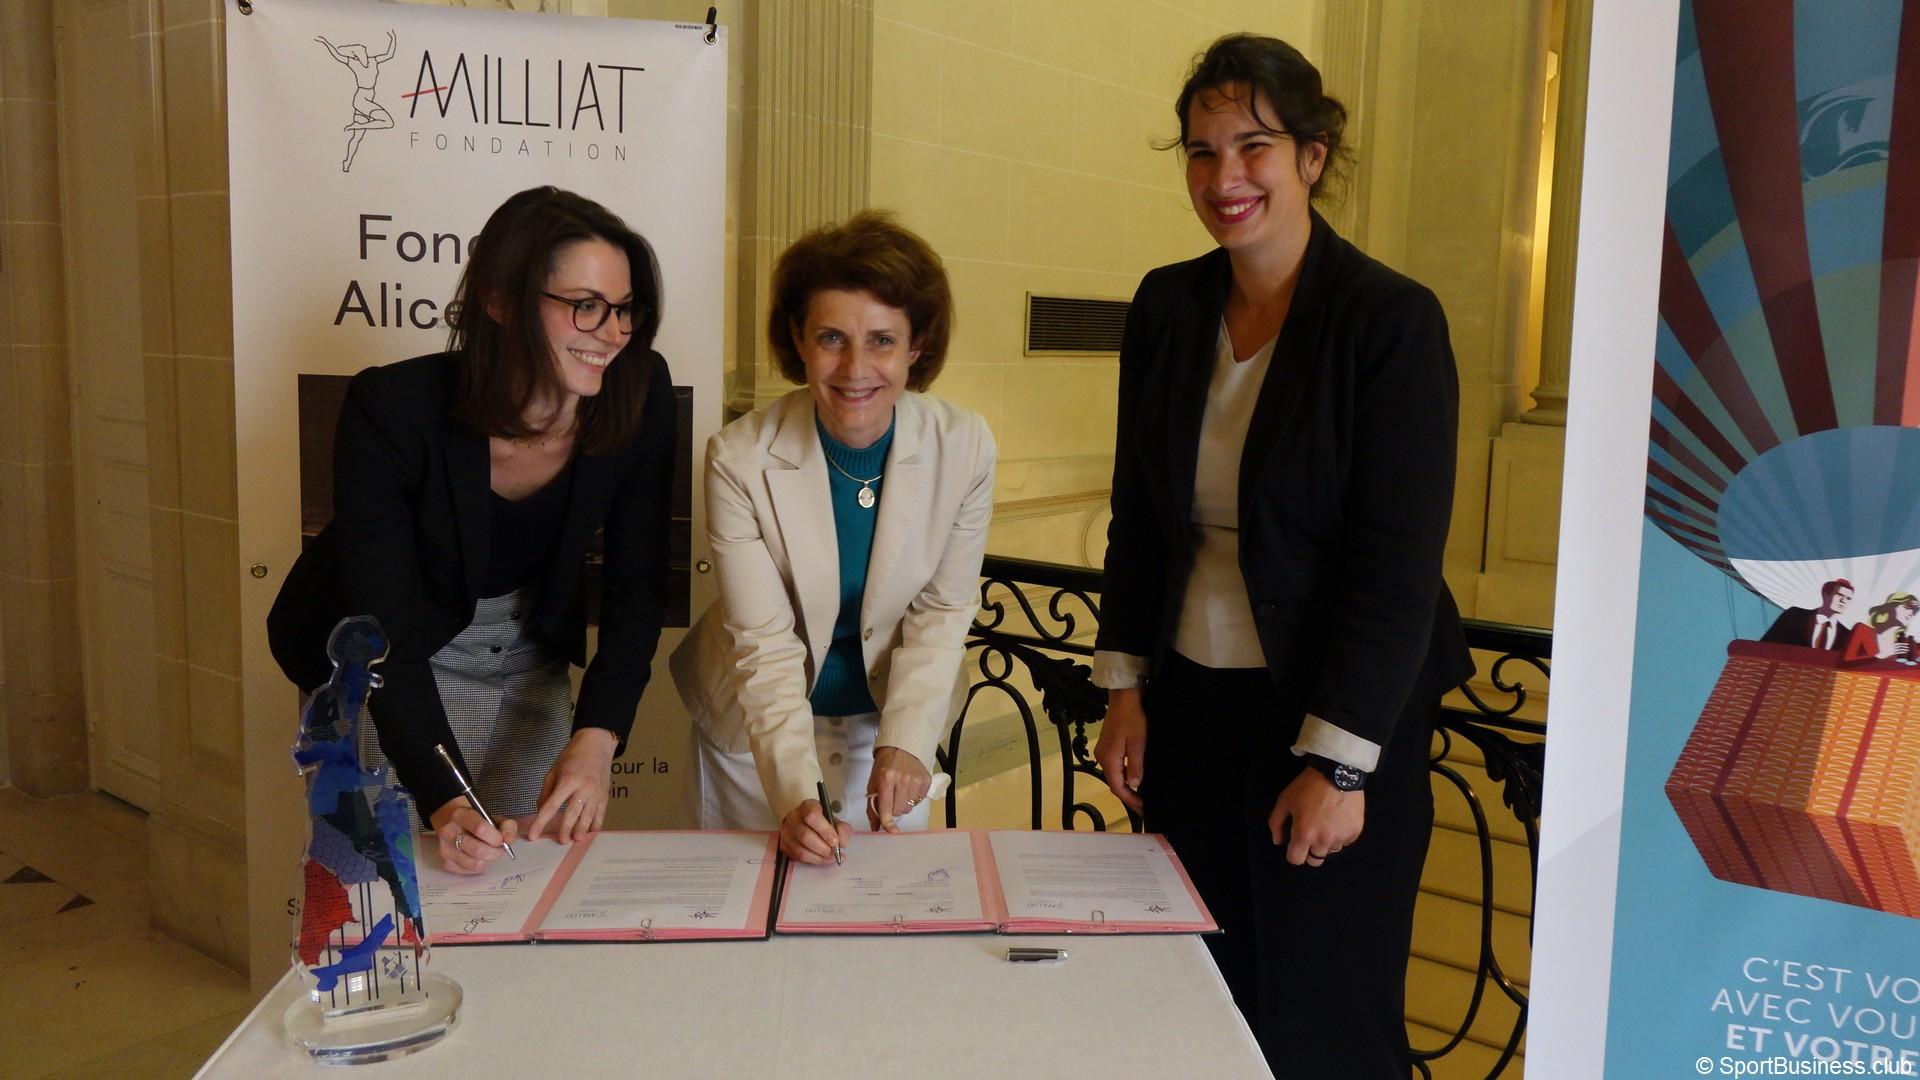 Fondation Alice Milliat Aurélie Bresson Banque Palatine